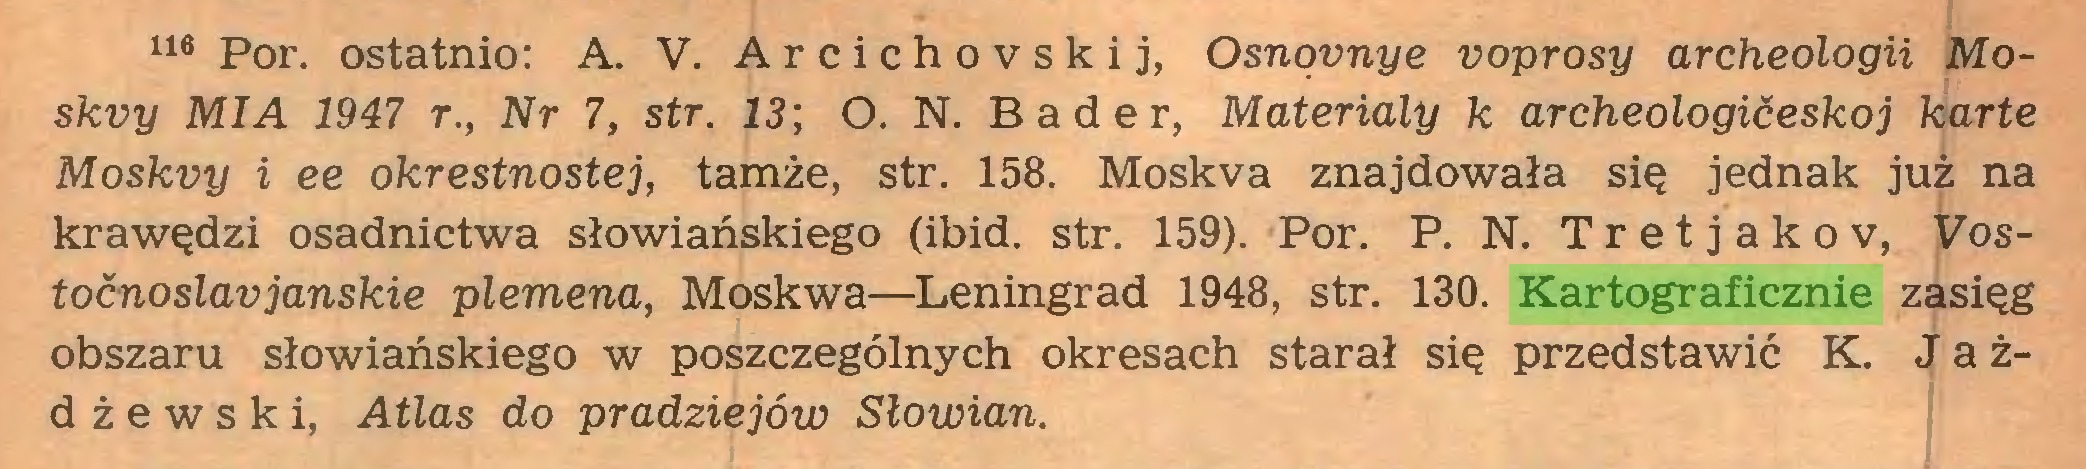 (...) 116 Por. ostatnio: A. V. Arcichovskij, Osnovnye voprosy archeologii Moskvy MI A 1947 r., Nr 7, str. 13', O. N. Bader, Materiały k archeologićeskoj kartę Moskvy i ee okrestnostej, tamże, str. 158. Moskva znajdowała się jednak już na krawędzi osadnictwa słowiańskiego (ibid. str. 159). Por. P. N. T r e t j a k o v, Vostocnoslaujanskie plemena, Moskwa—Leningrad 1948, str. 130. Kartograficznie zasięg obszaru słowiańskiego w poszczególnych okresach starał się przedstawić K. Jażdżewski, Atlas do pradziejów Słowian...